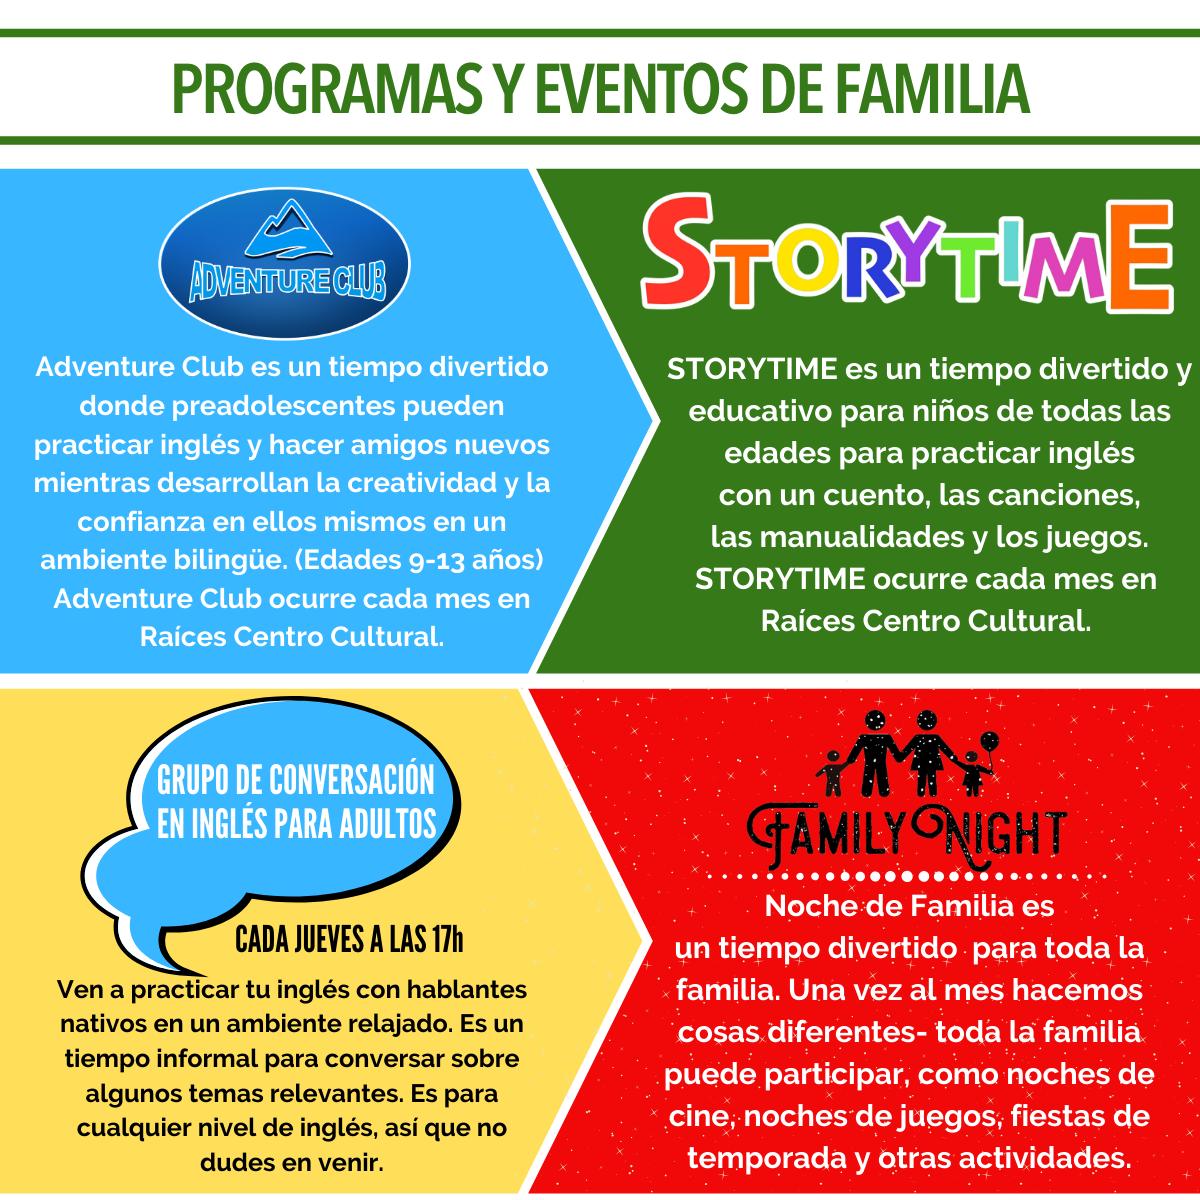 Familia Website Infographic (1)